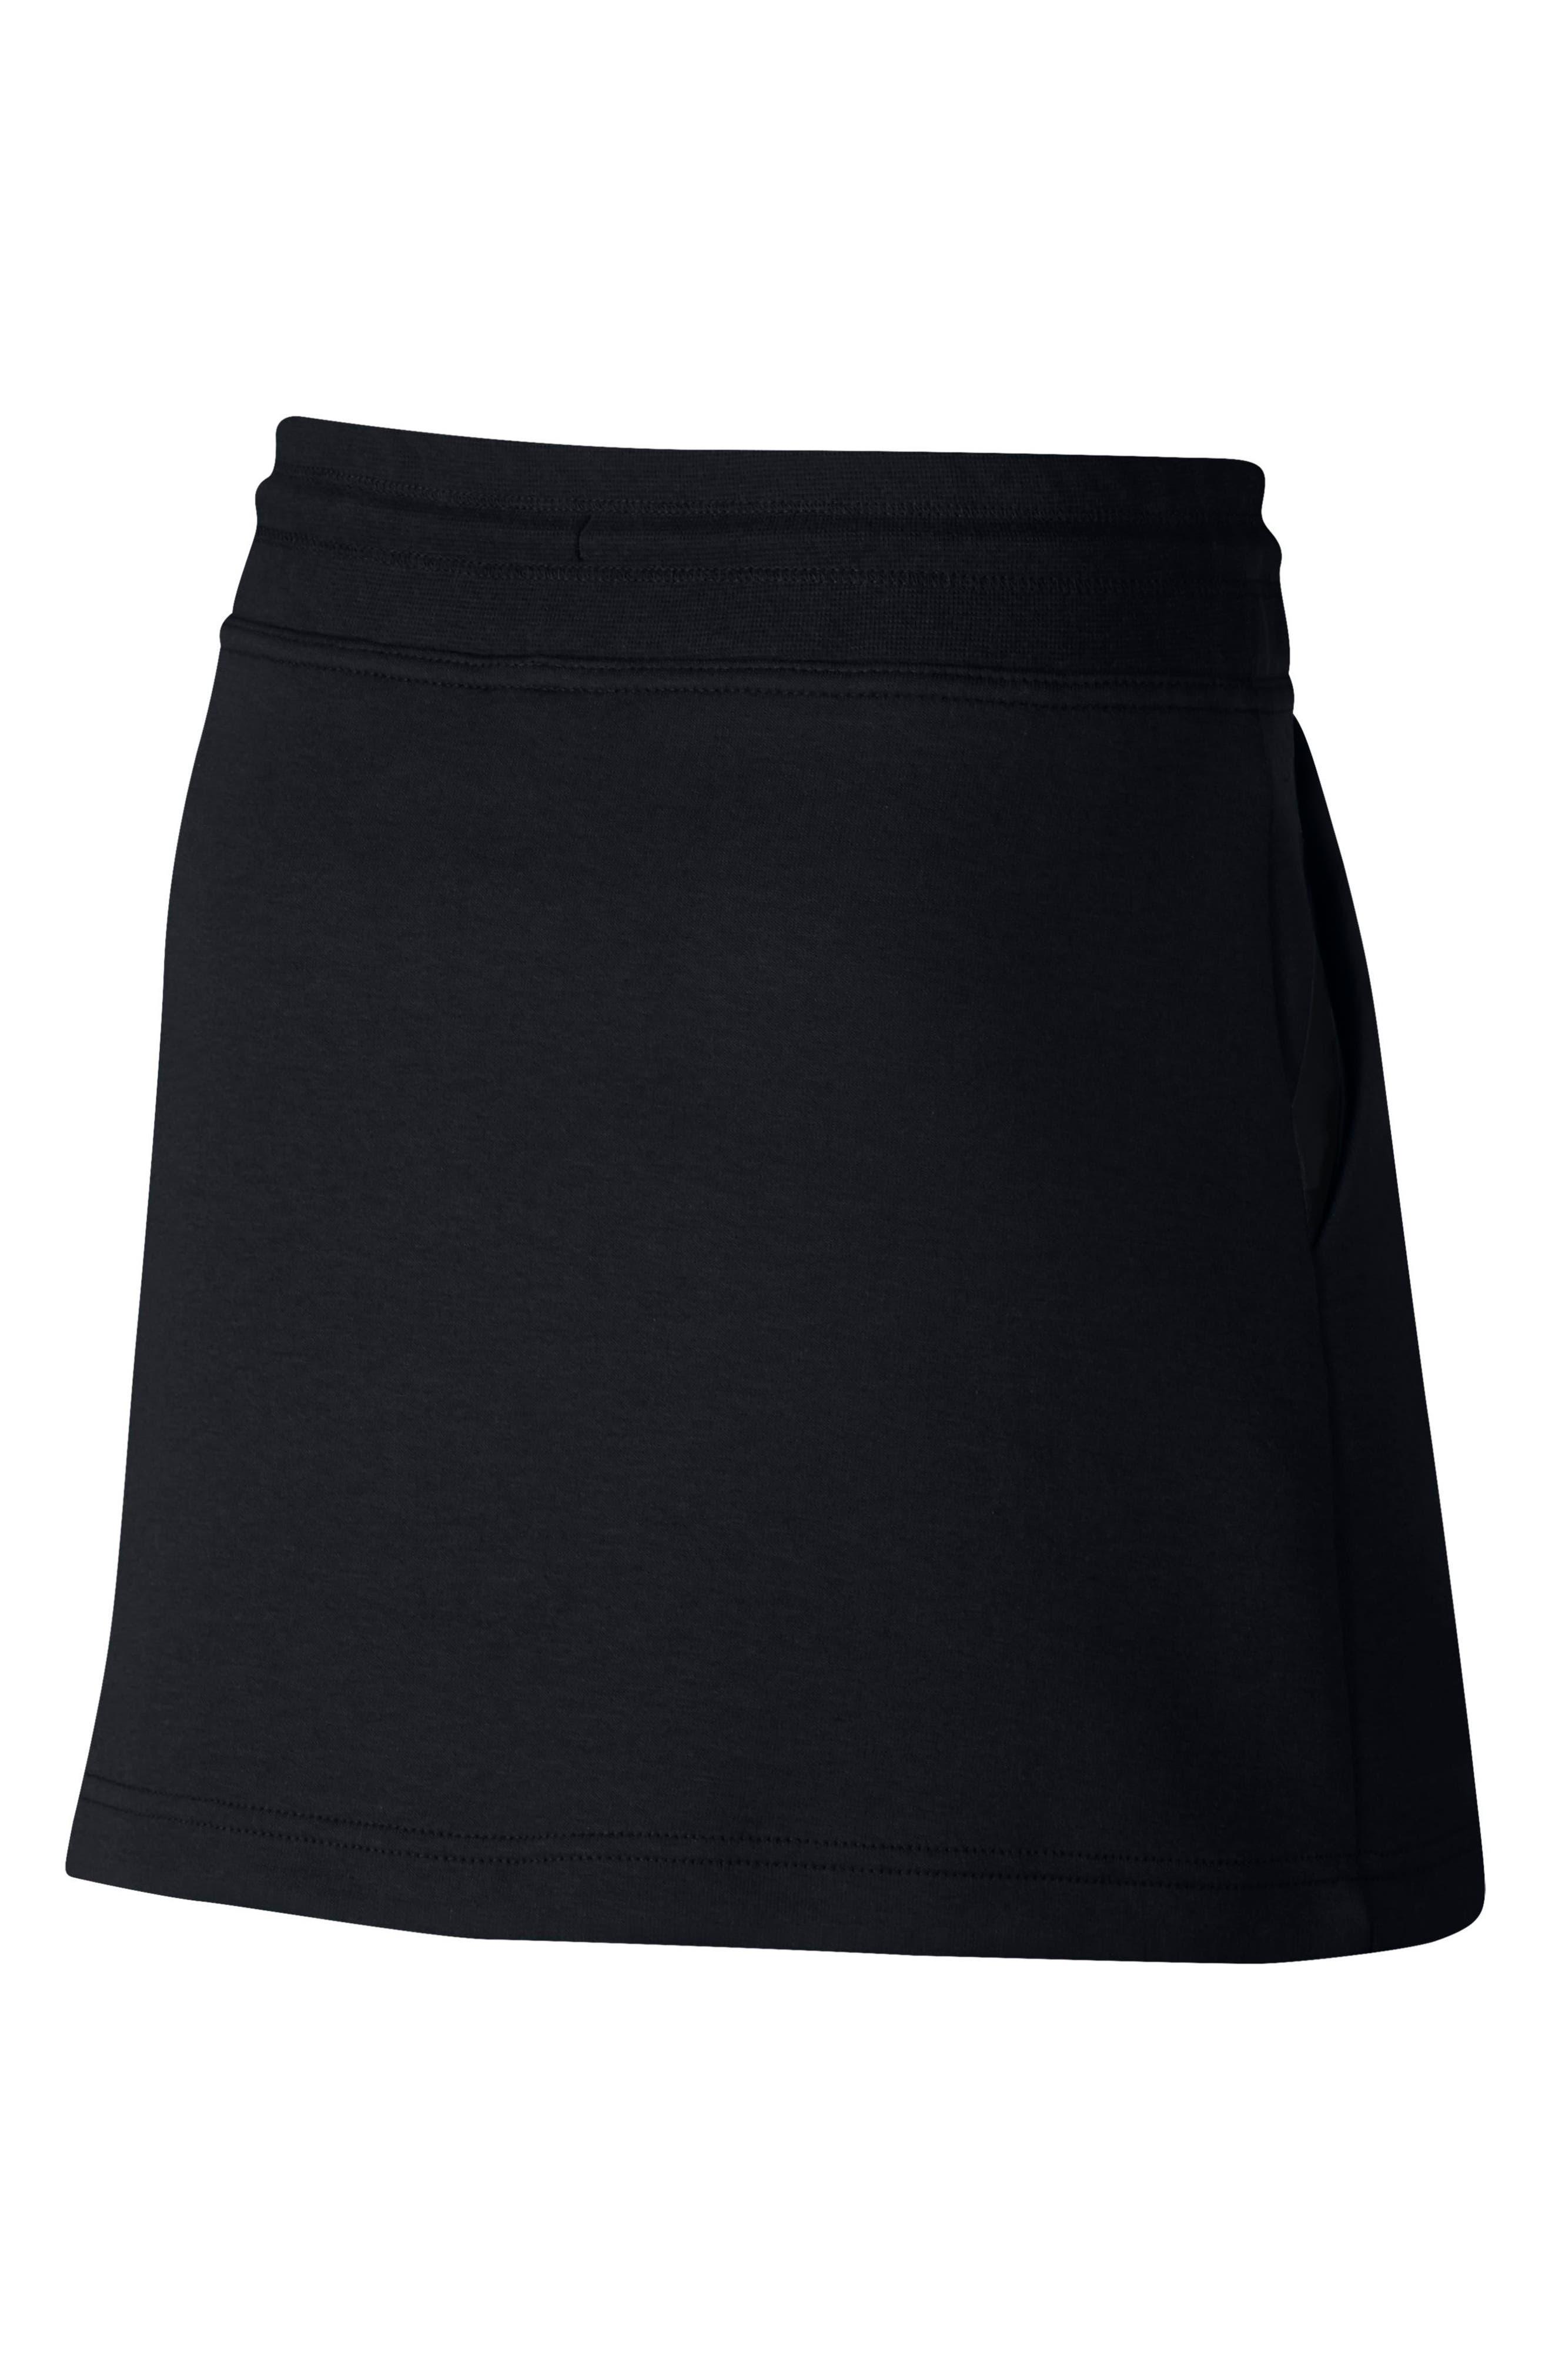 Tech Fleece Skirt,                             Alternate thumbnail 2, color,                             010